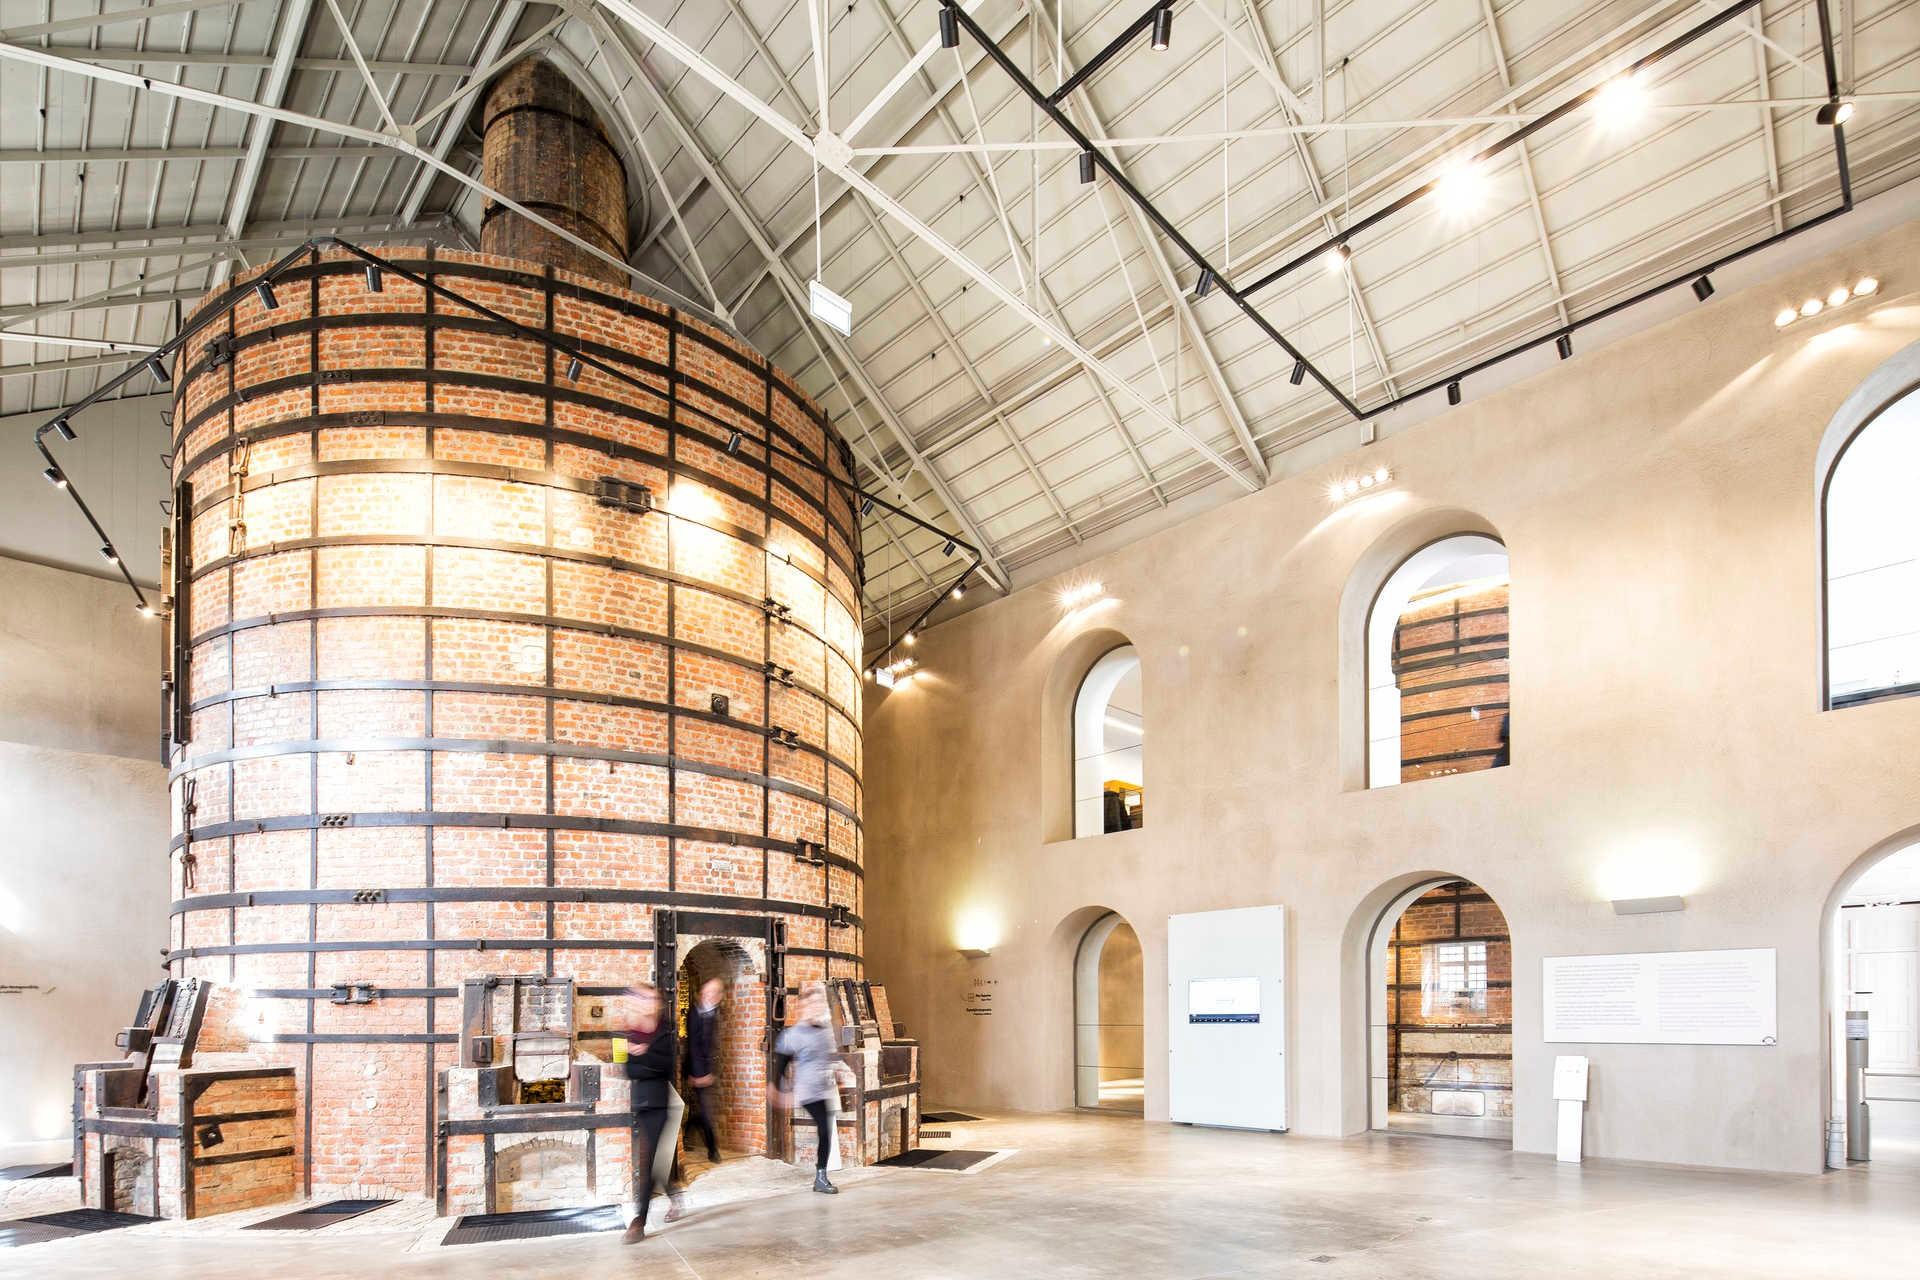 Portuguese Luxury Brands: Discover Vista Alegre's History portuguese luxury brands Portuguese Luxury Brands: Discover Vista Alegre's History 27585217 GL030417MARIAJOAOGALA098 WEB